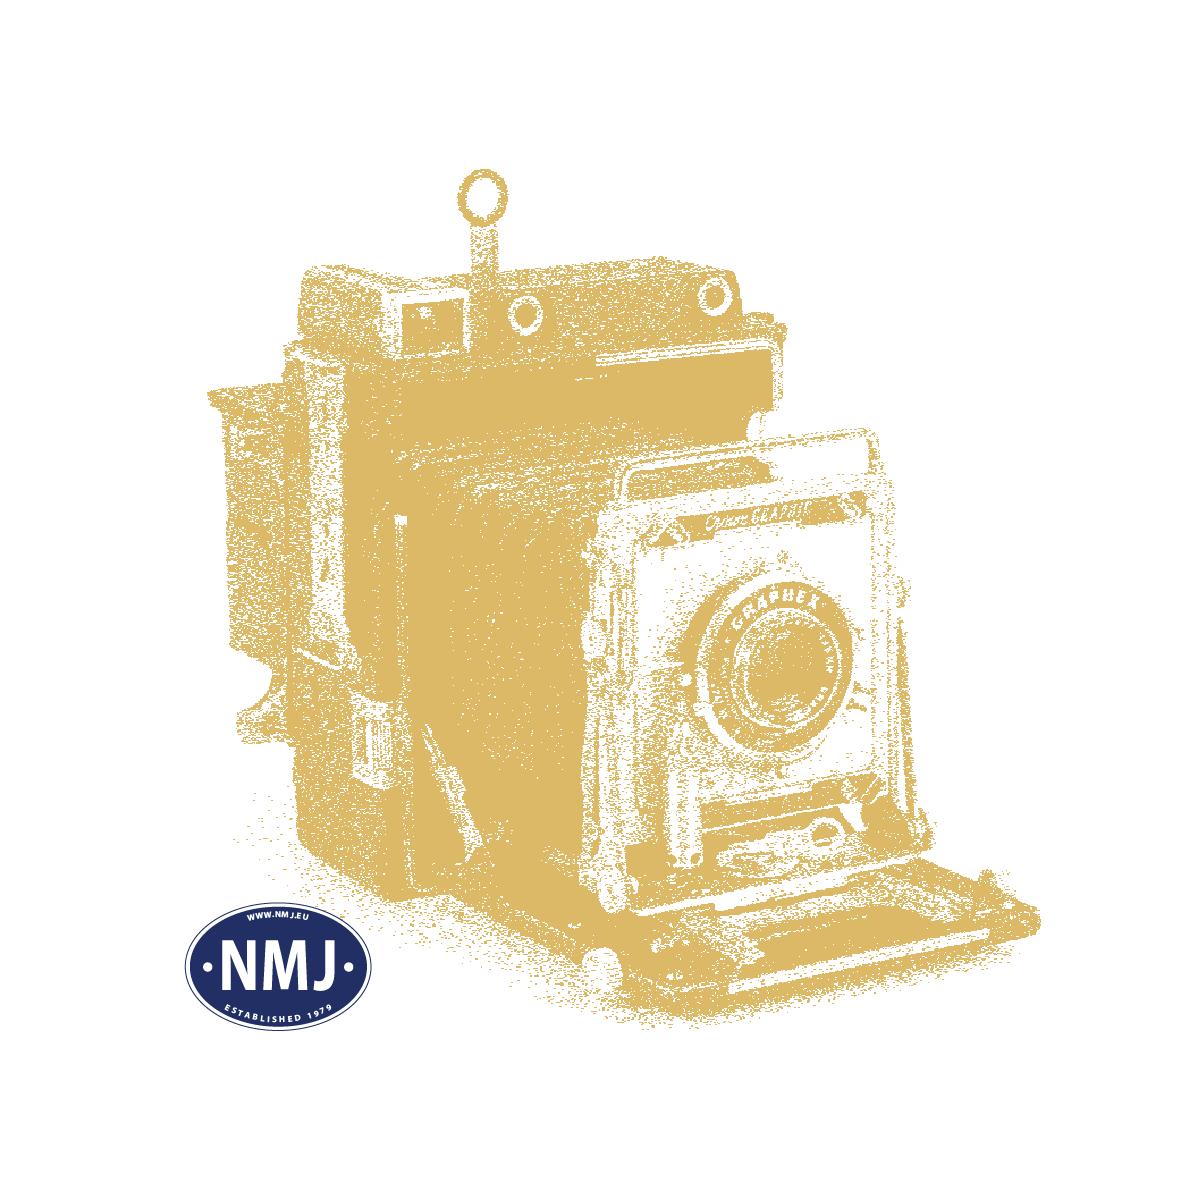 NMJS21c375 - NMJ Superline Modell der NSB Schlepptenderlok Type 21c 375